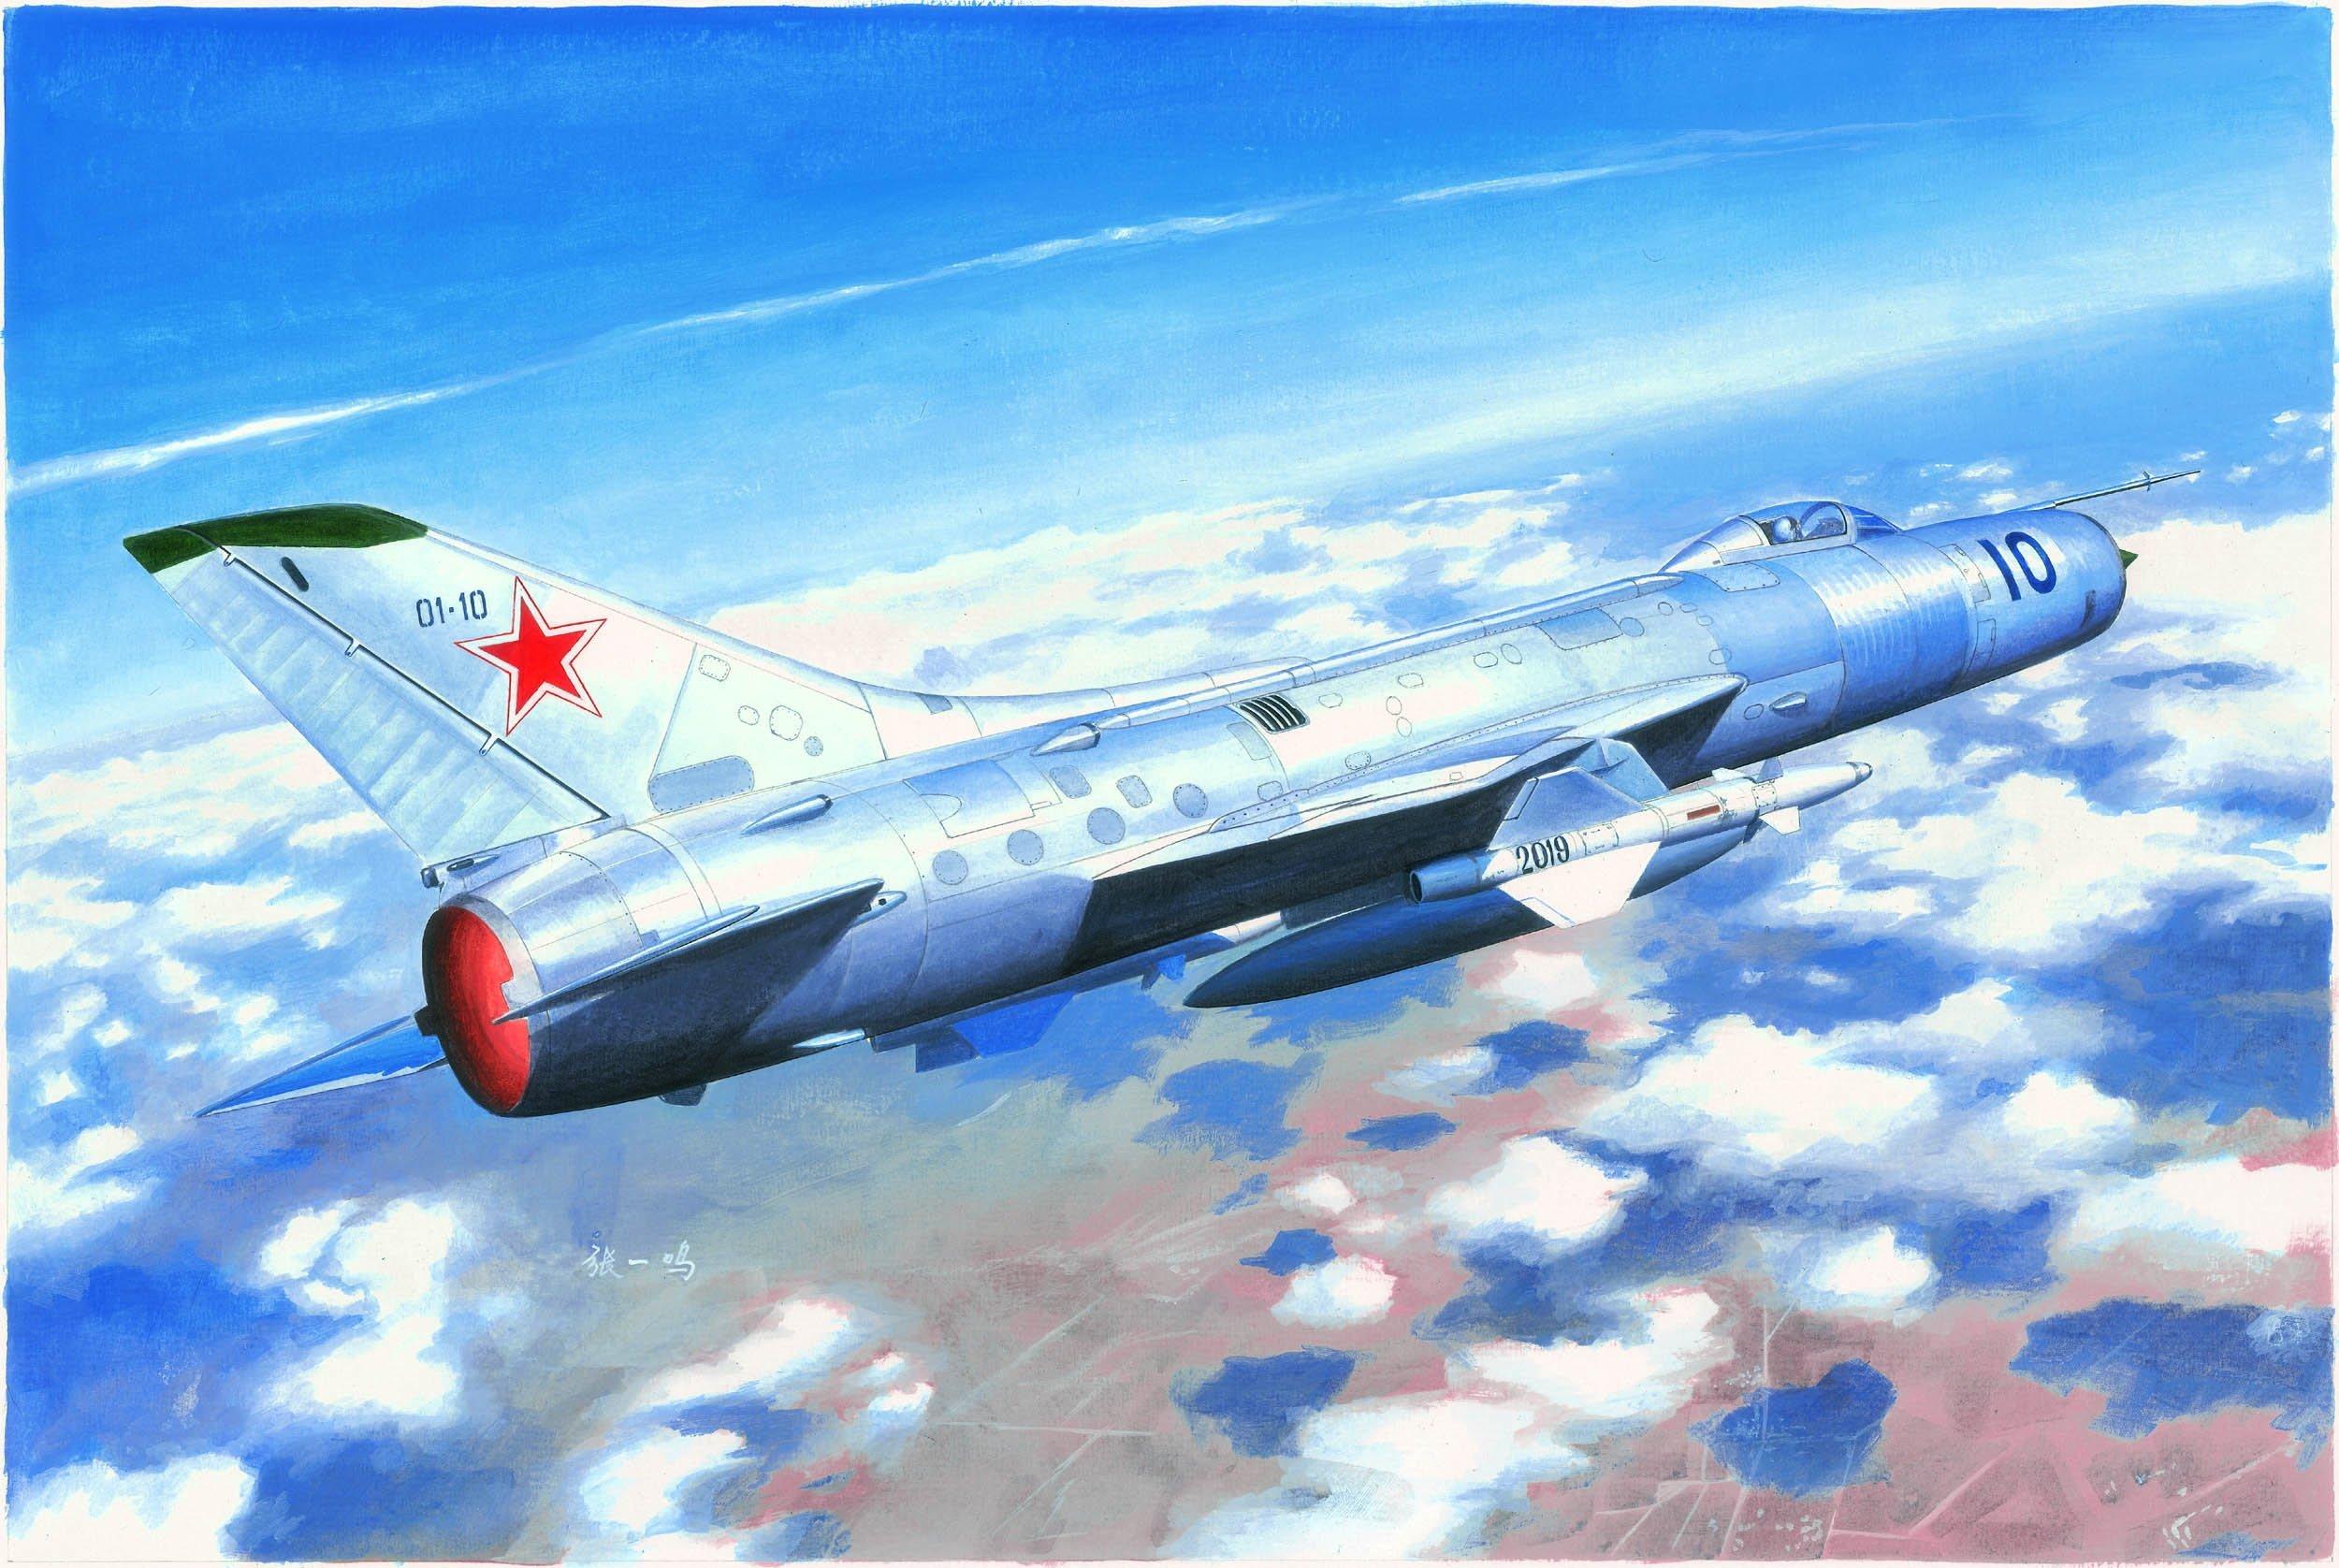 TRUMPETER 小號手 1/48 蘇聯 Su-11 捕魚籠 截擊機 (02898)